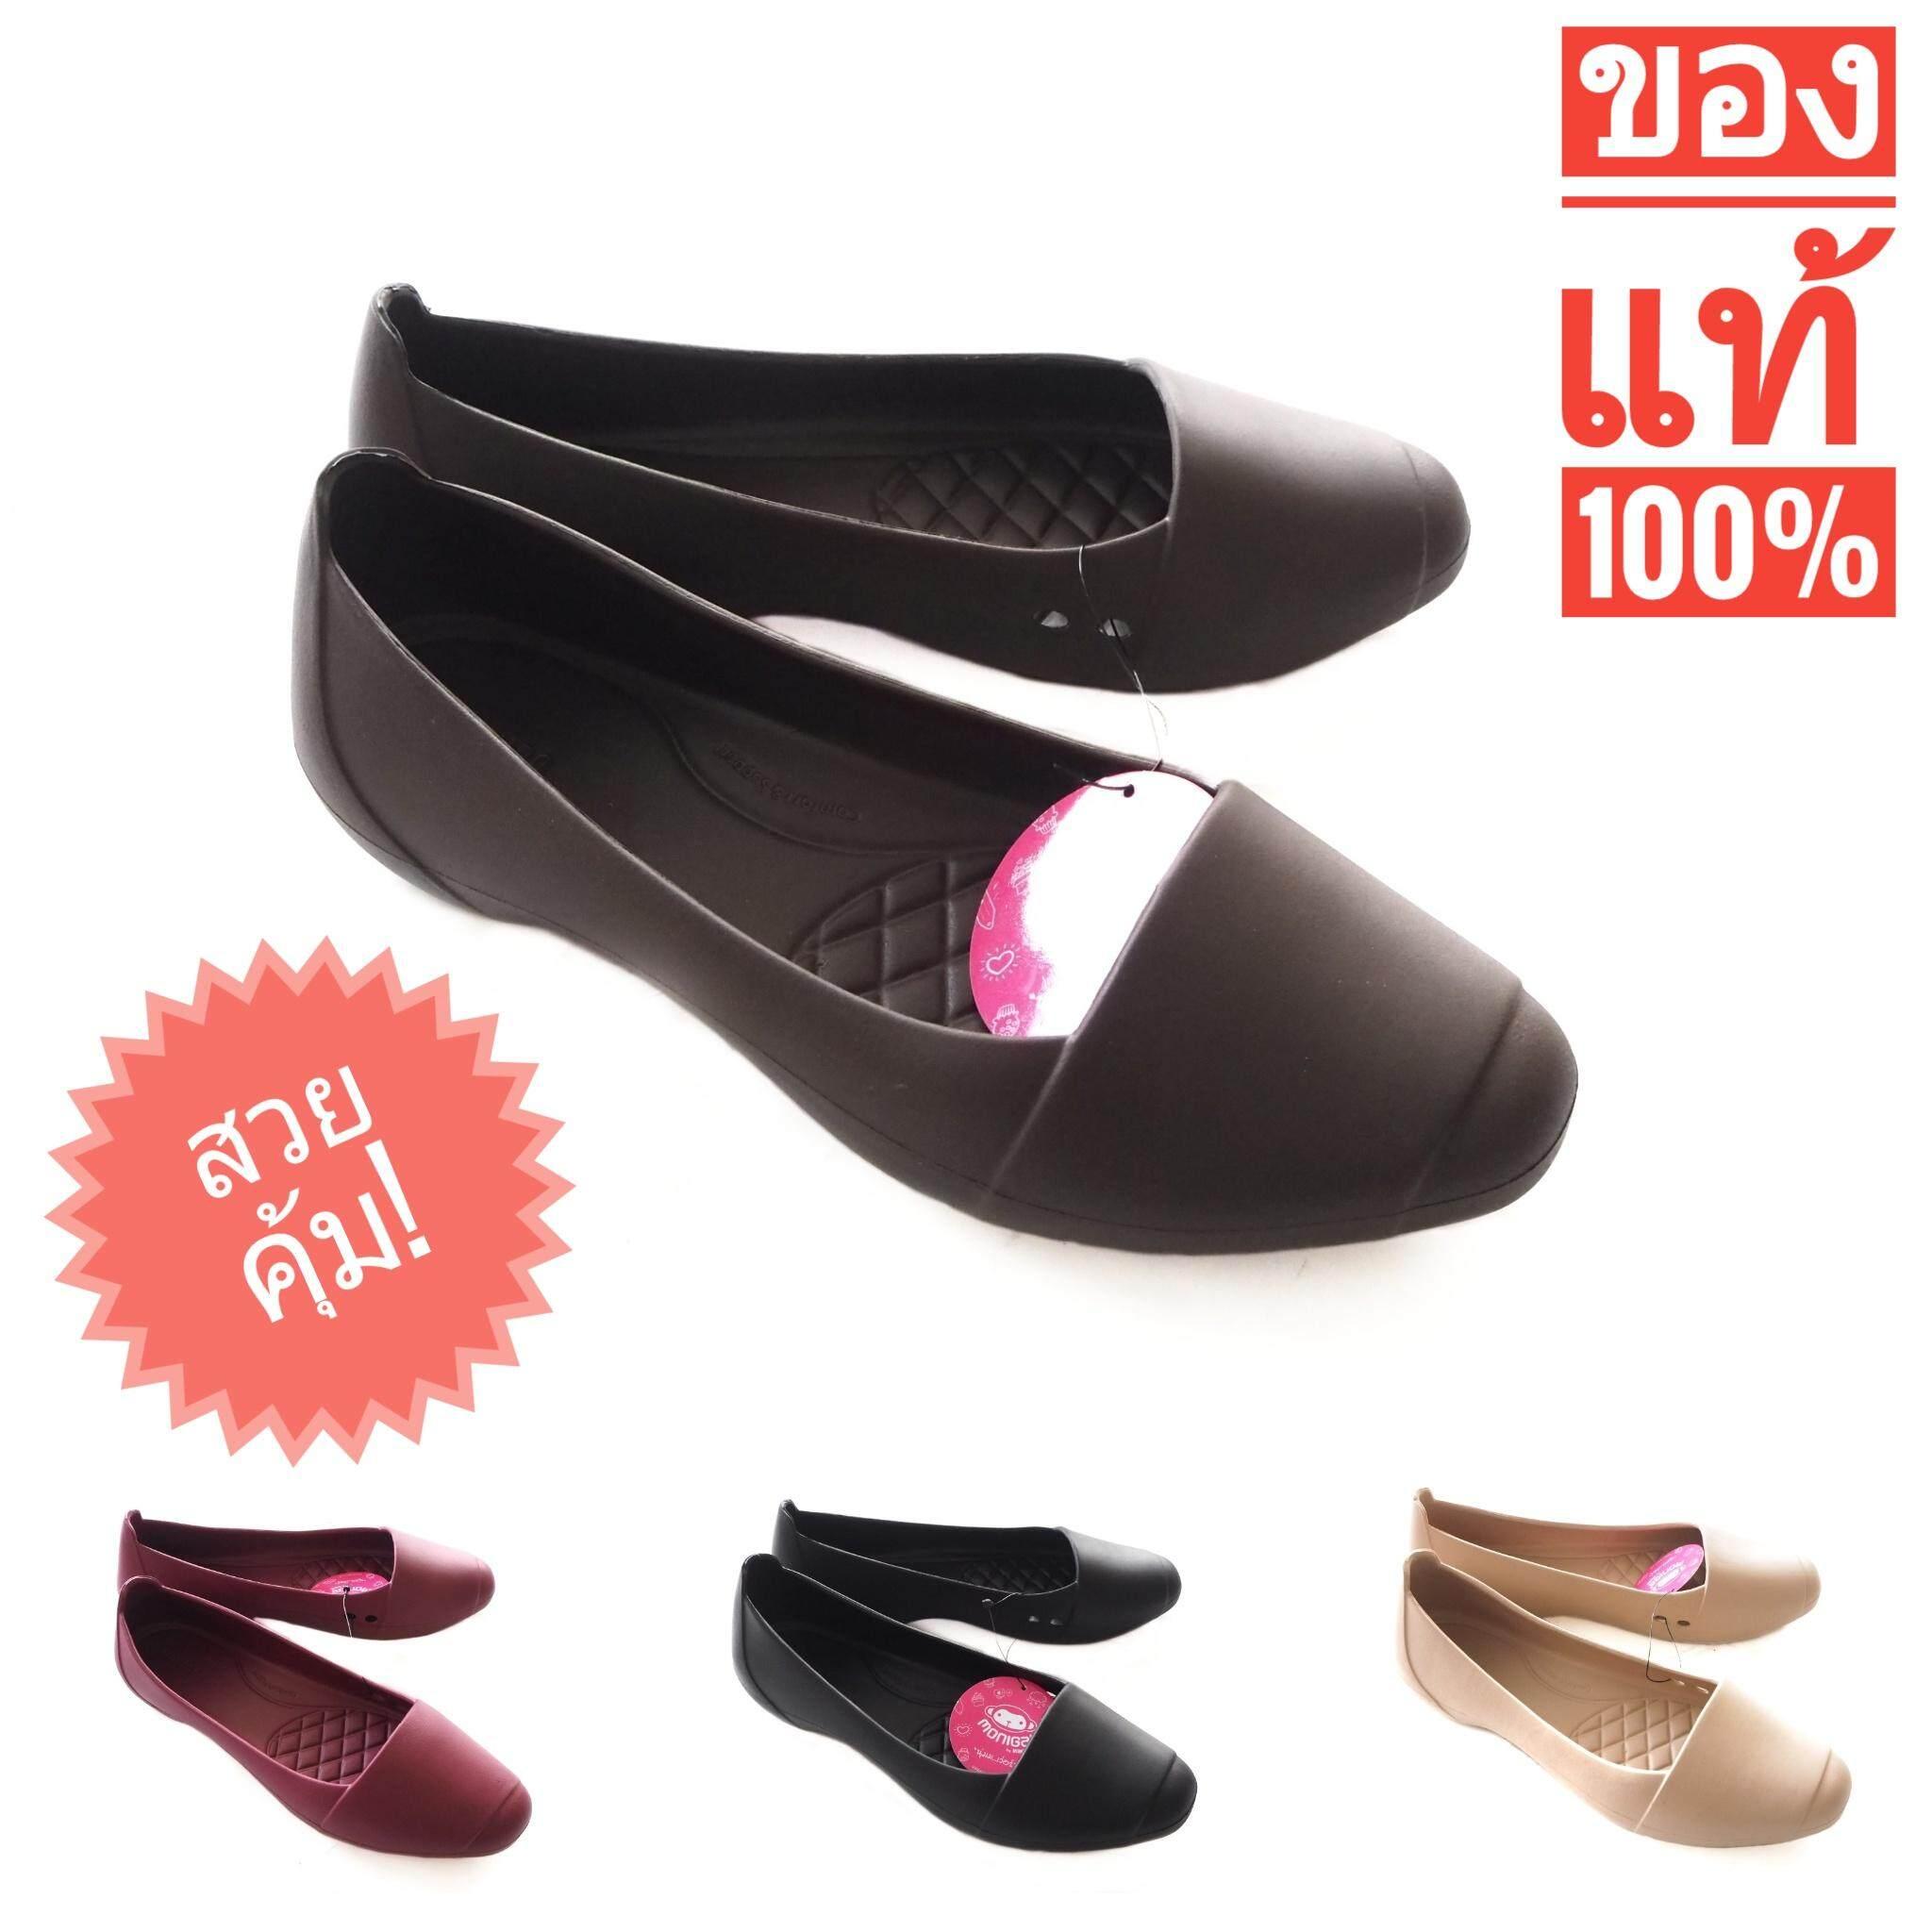 !!ลดกระหน่ำ!! ฉลองครบรอบ 2 ปีของร้านรองเท้าแตะโมโนโบ (monobo Flip Flop) Monobo 2019 Monobo Winter2 รองเท้าคัชชูผู้หญิง ใส่สบาย ไม่อับชื้น แห้งง่าย รองเท้าคัชชูยาง รองเท้าแฟชั่น รองเท้าใส่ทำงาน รองเท้าน่ารัก รองเท้าผู้หญิง By Sustainable.